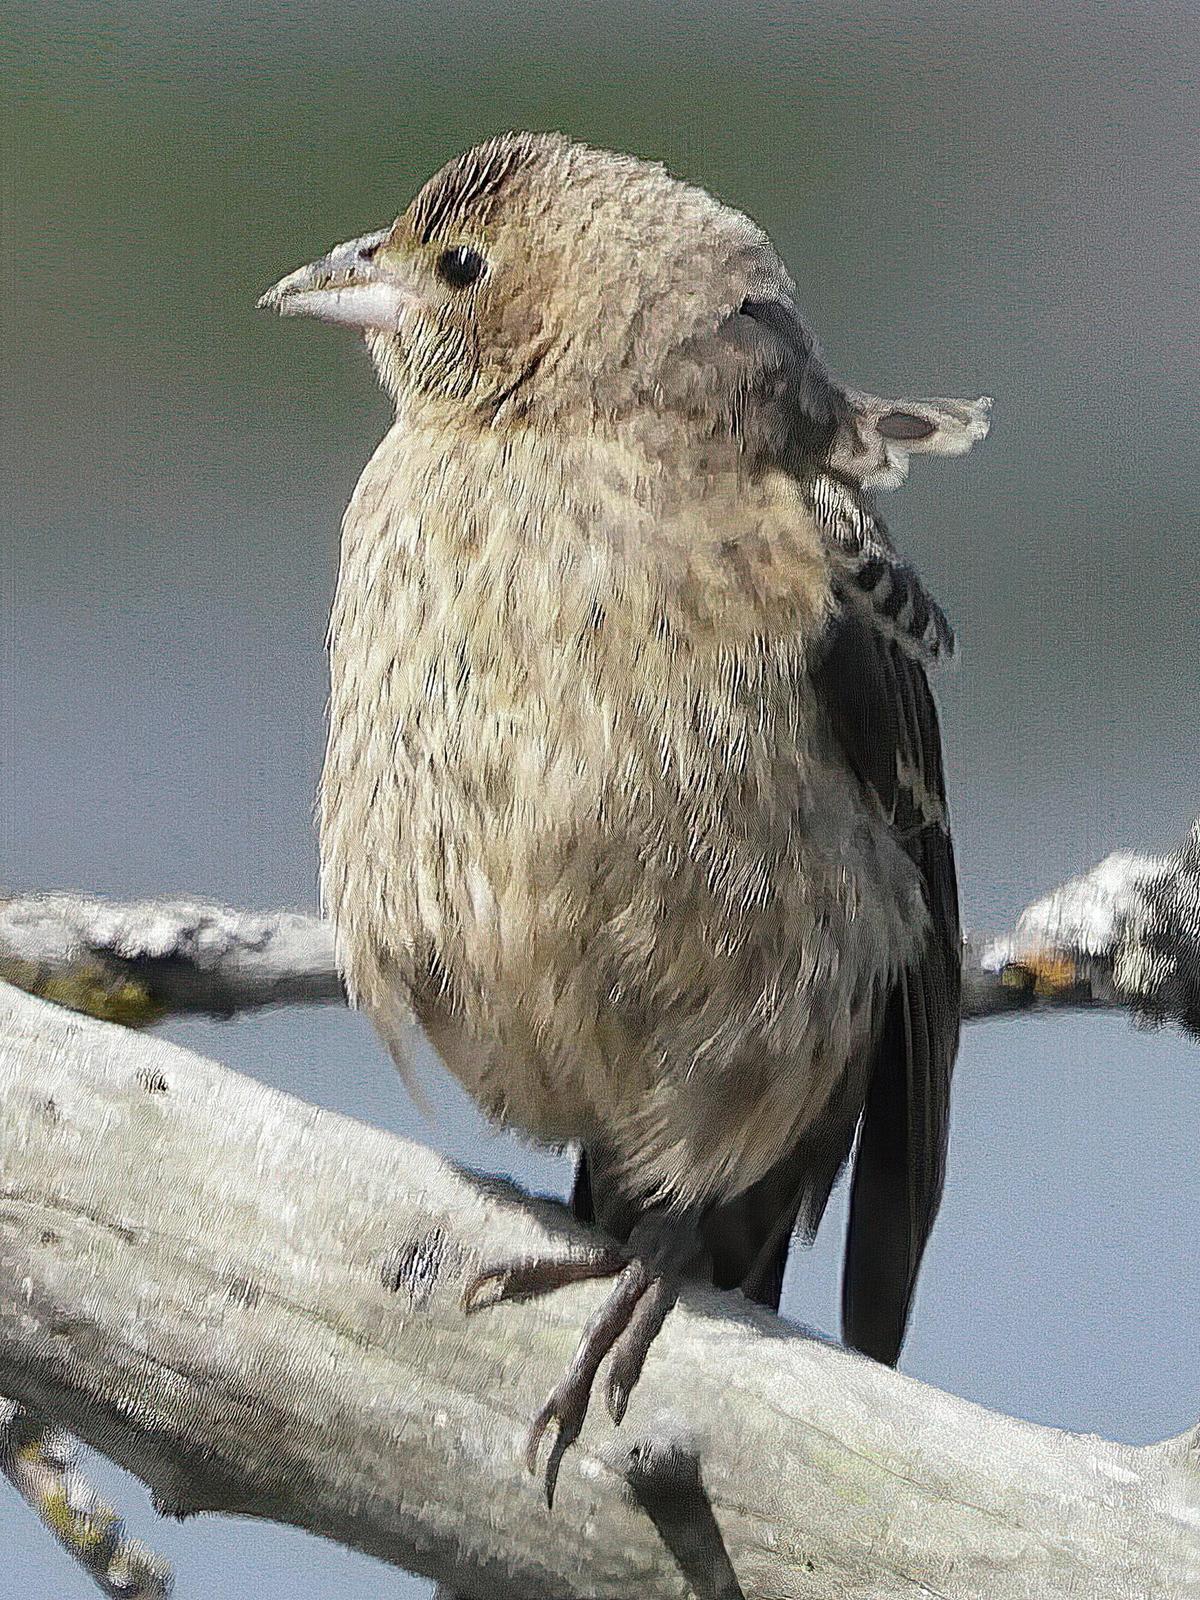 Brown-headed Cowbird Photo by Dan Tallman